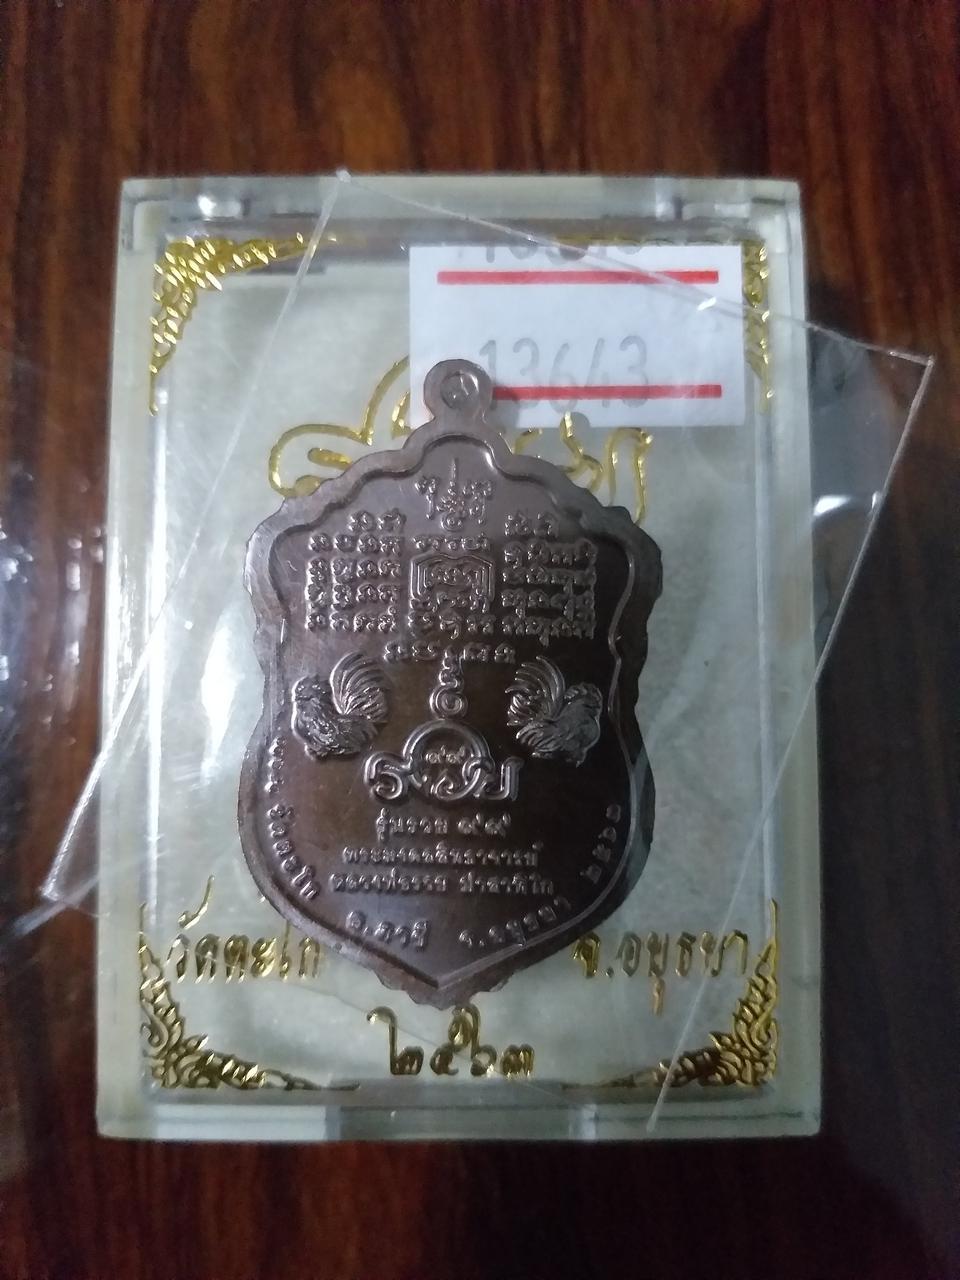 เหรียญหลวงพ่อรวย เนื้อมันปู รุ่นรวย ๙๙ ปี ๖๓ รูปที่ 2